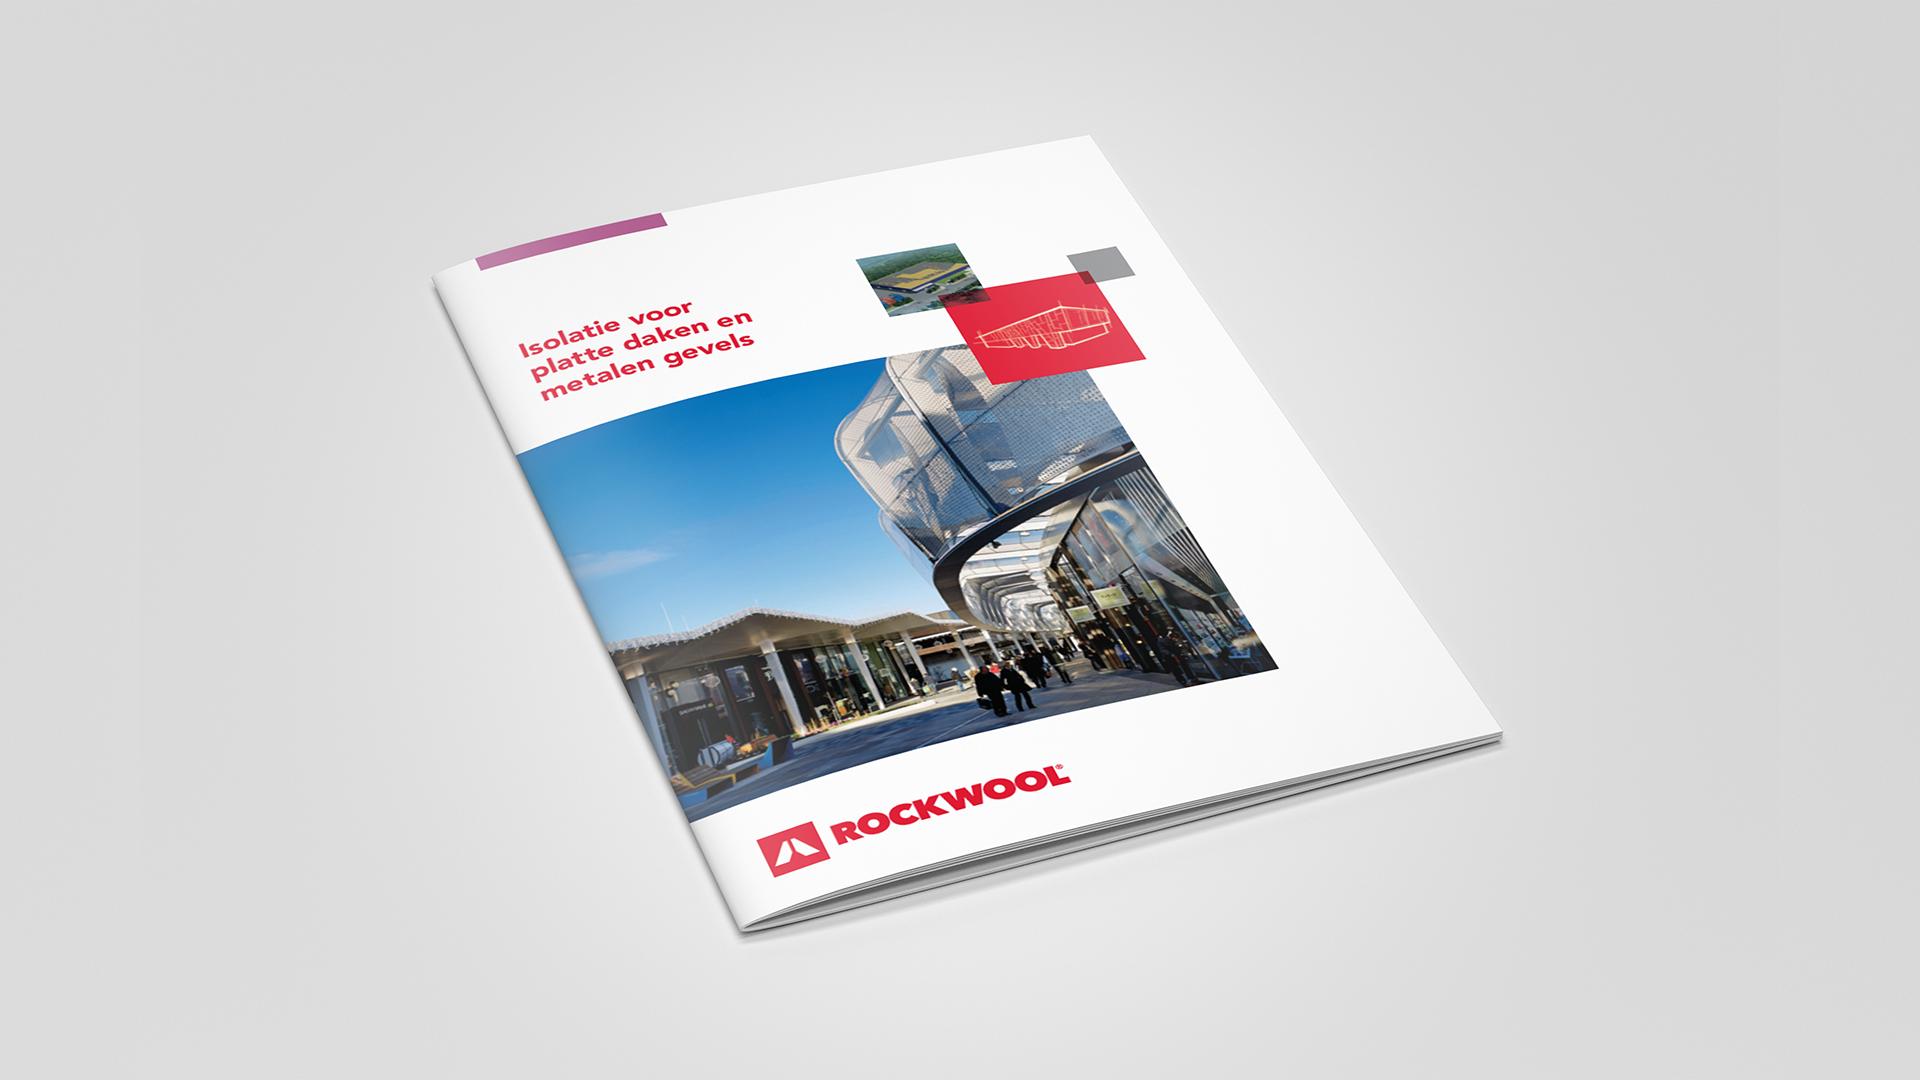 Brochure isolatie voor platte daken